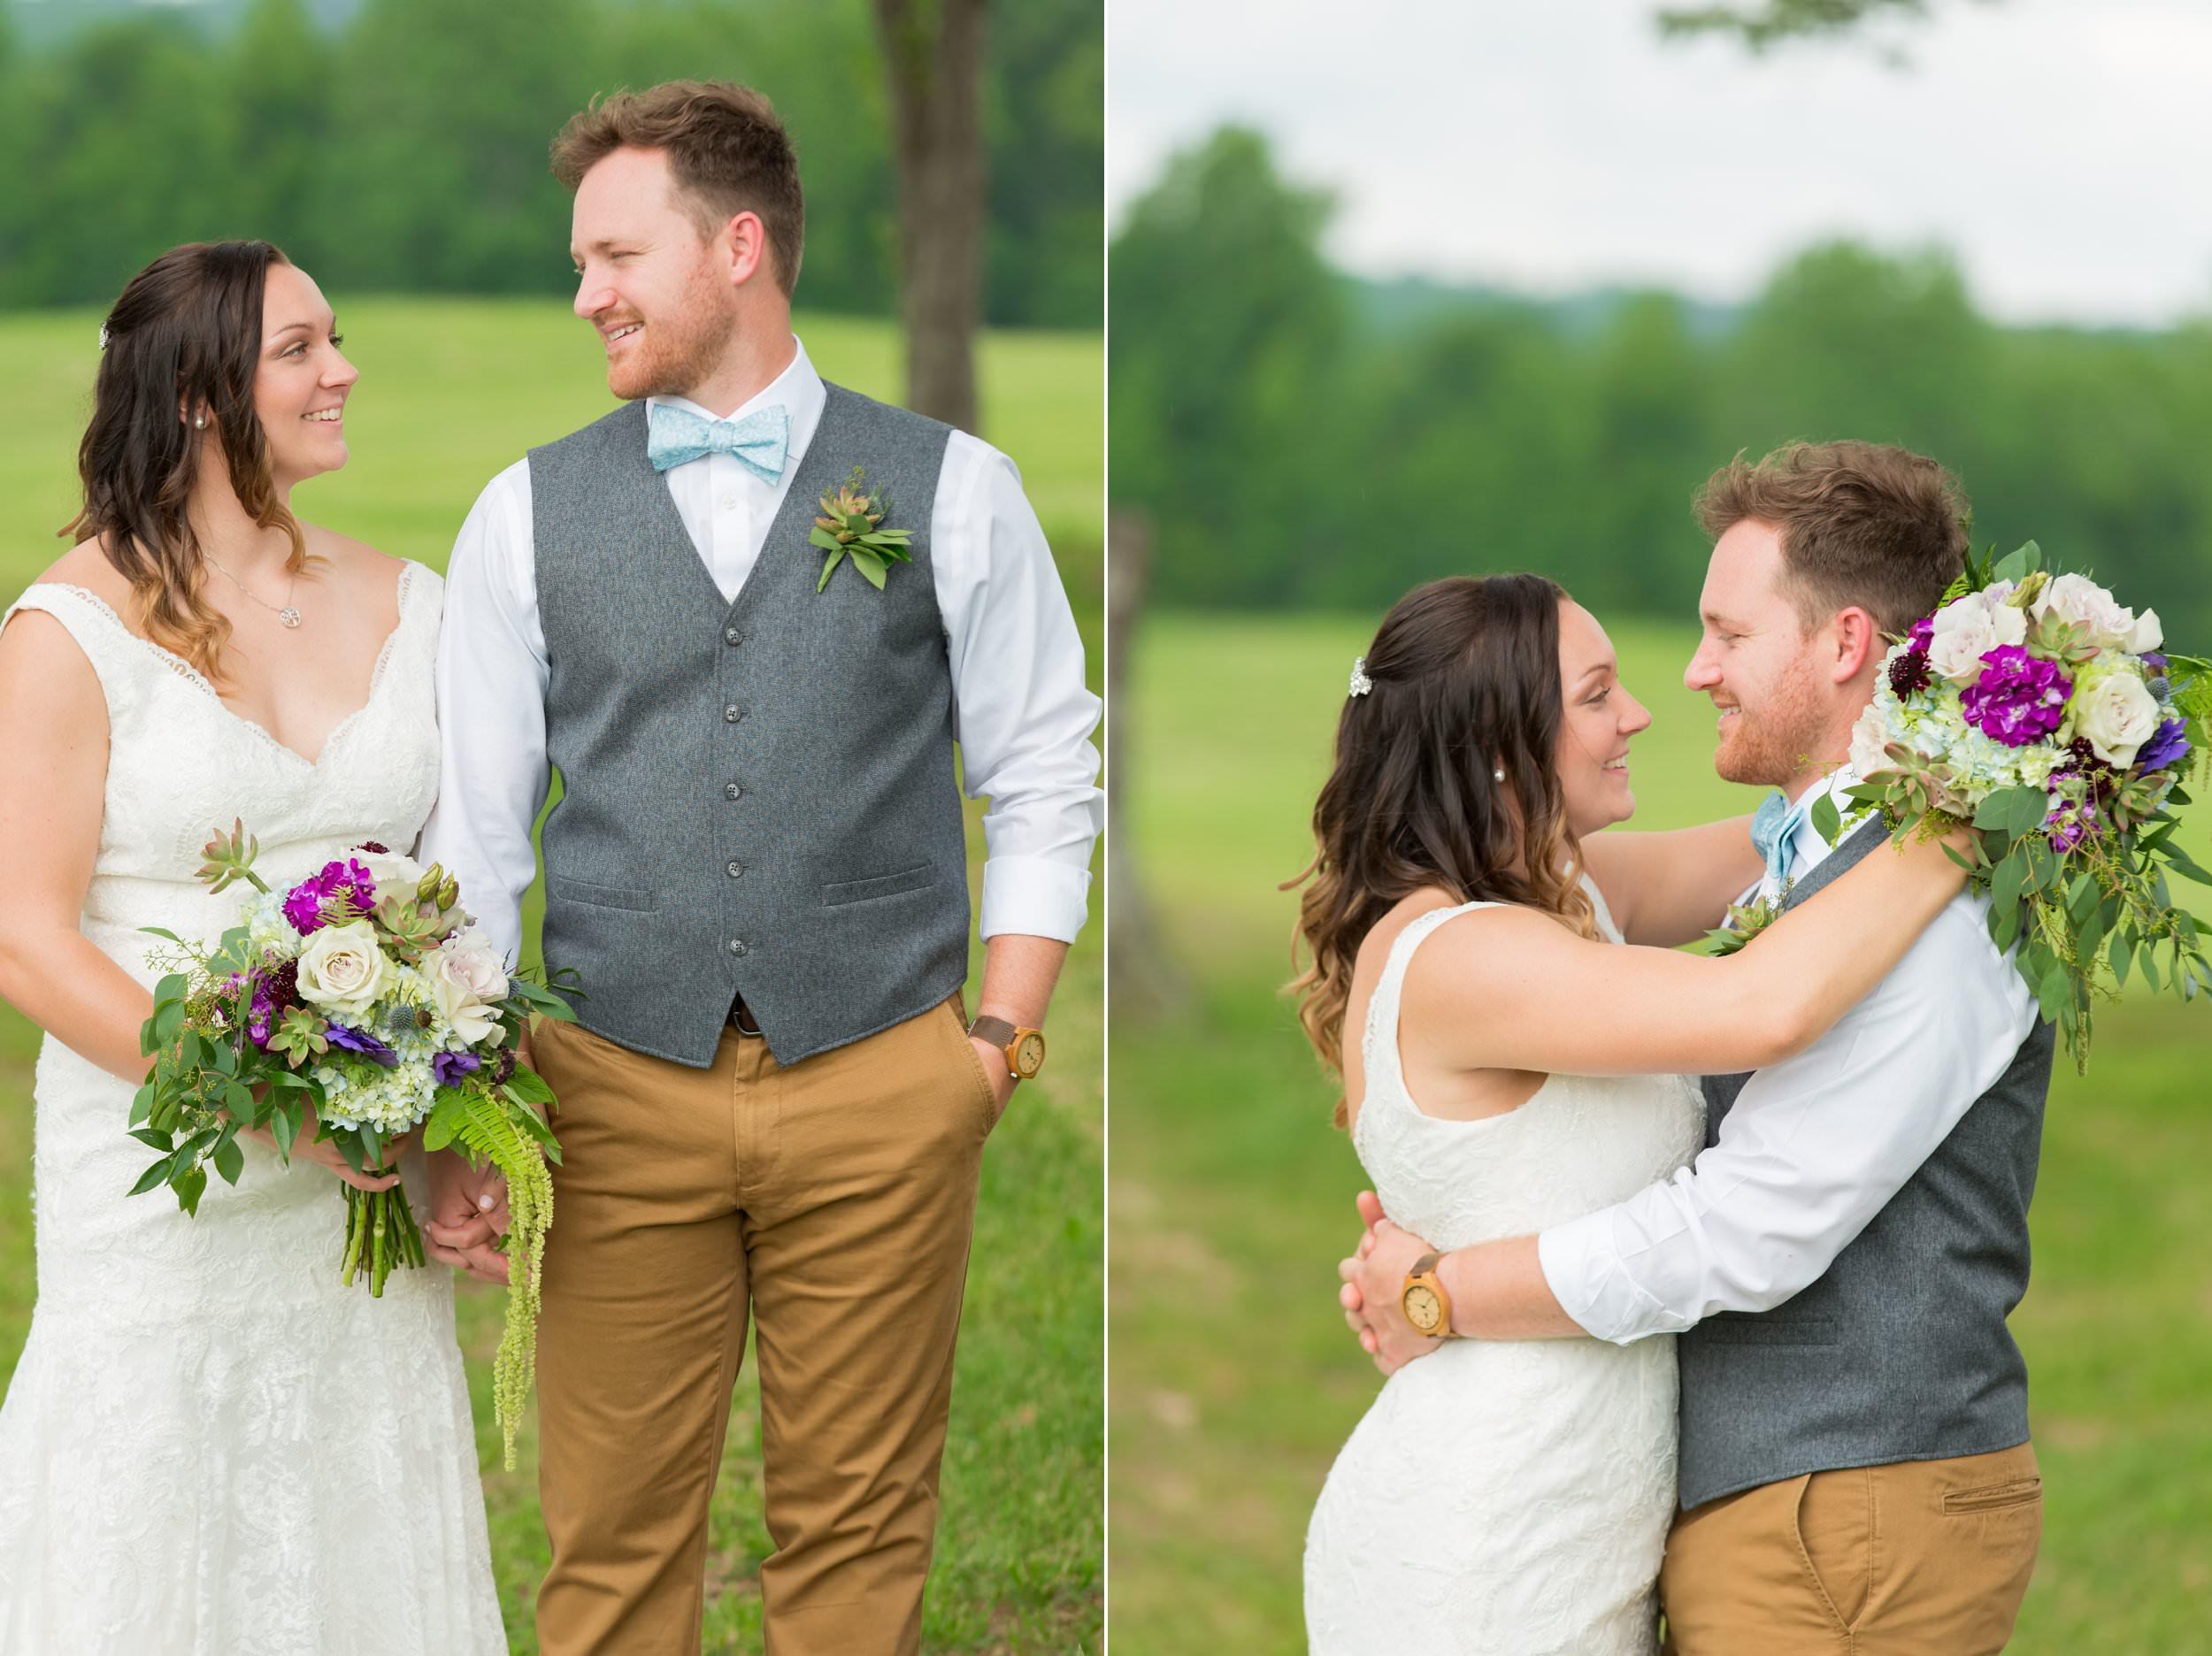 Abby-Manor-Events-Wedding-Photos26.jpg